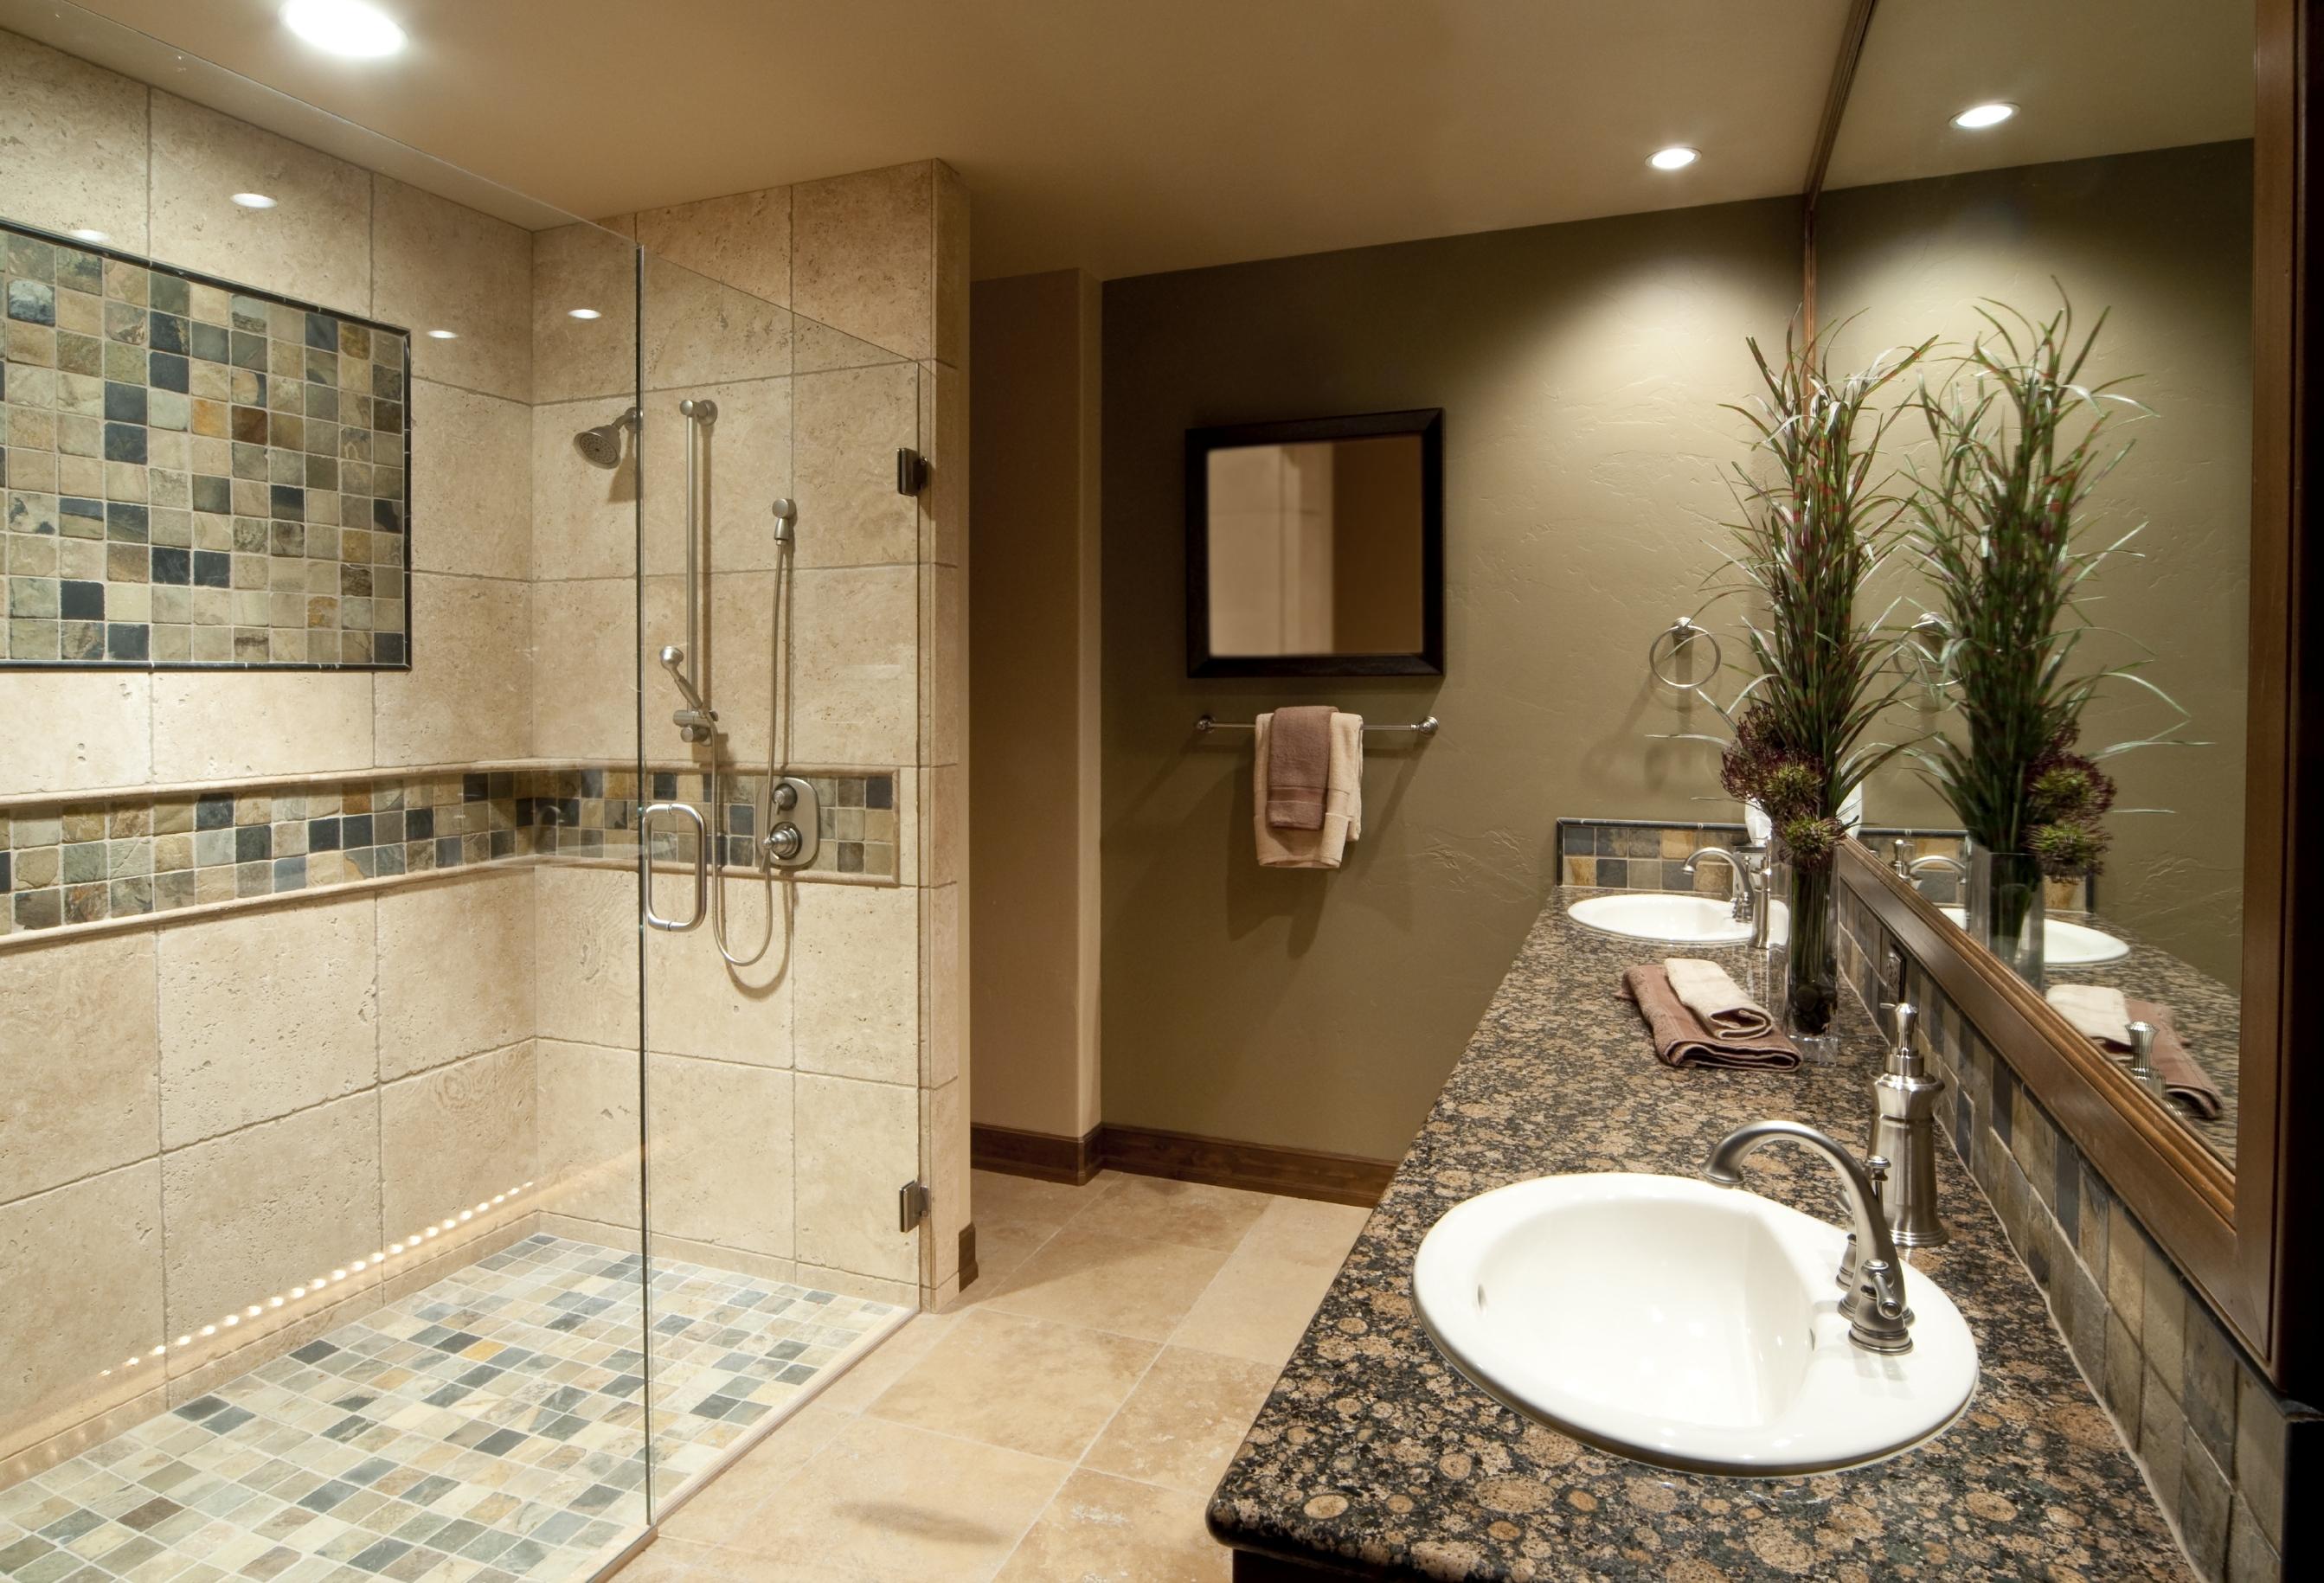 Denver Bathroom Remodeling | Denver Bathroom Design | Bathroom Remodel Intended For Cheap Ways To Improve Your Bathroom (View 3 of 33)